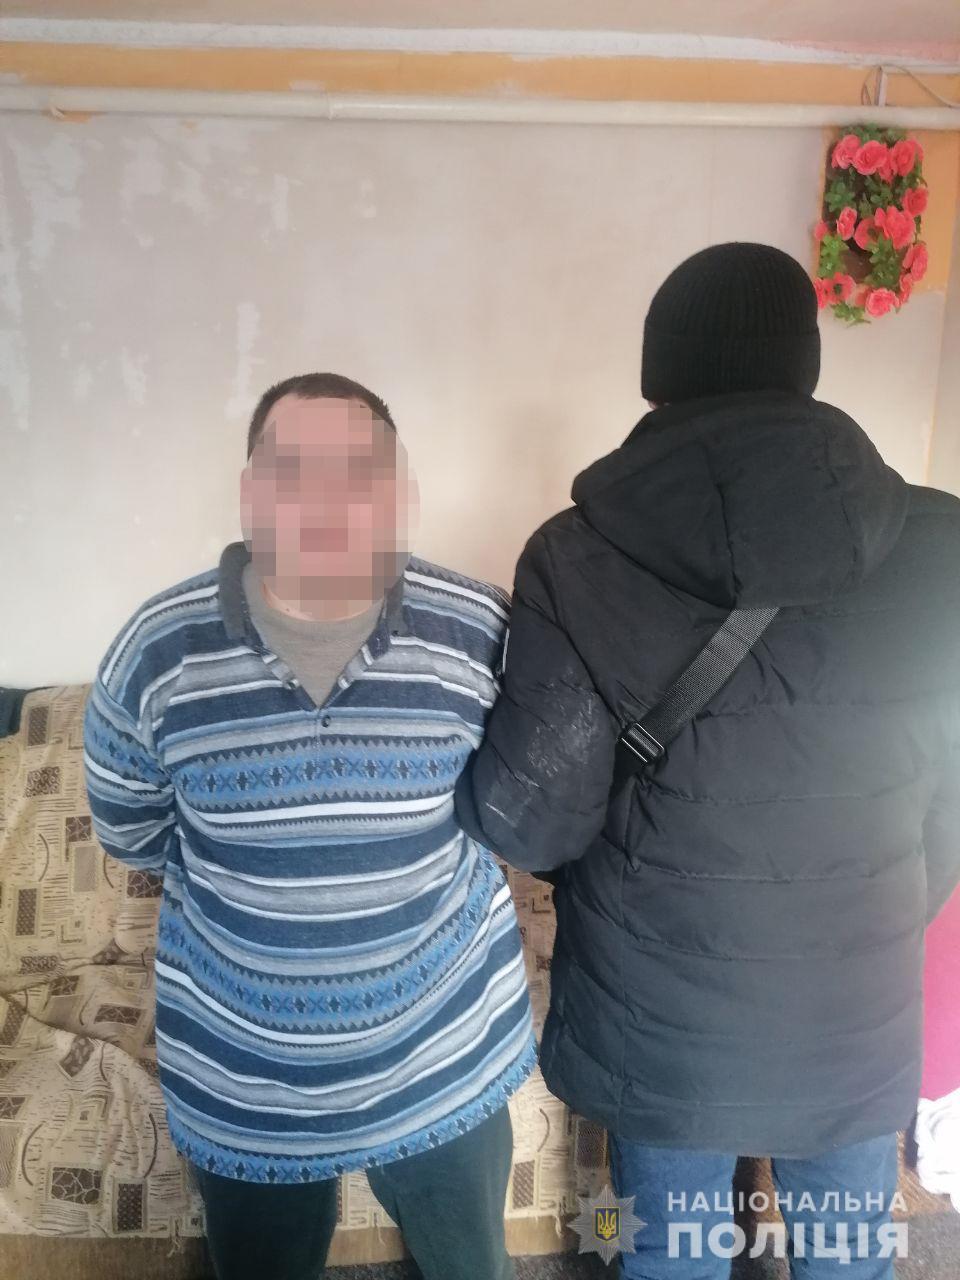 Полицейские задержали мужчину, который опаивал и грабил людей